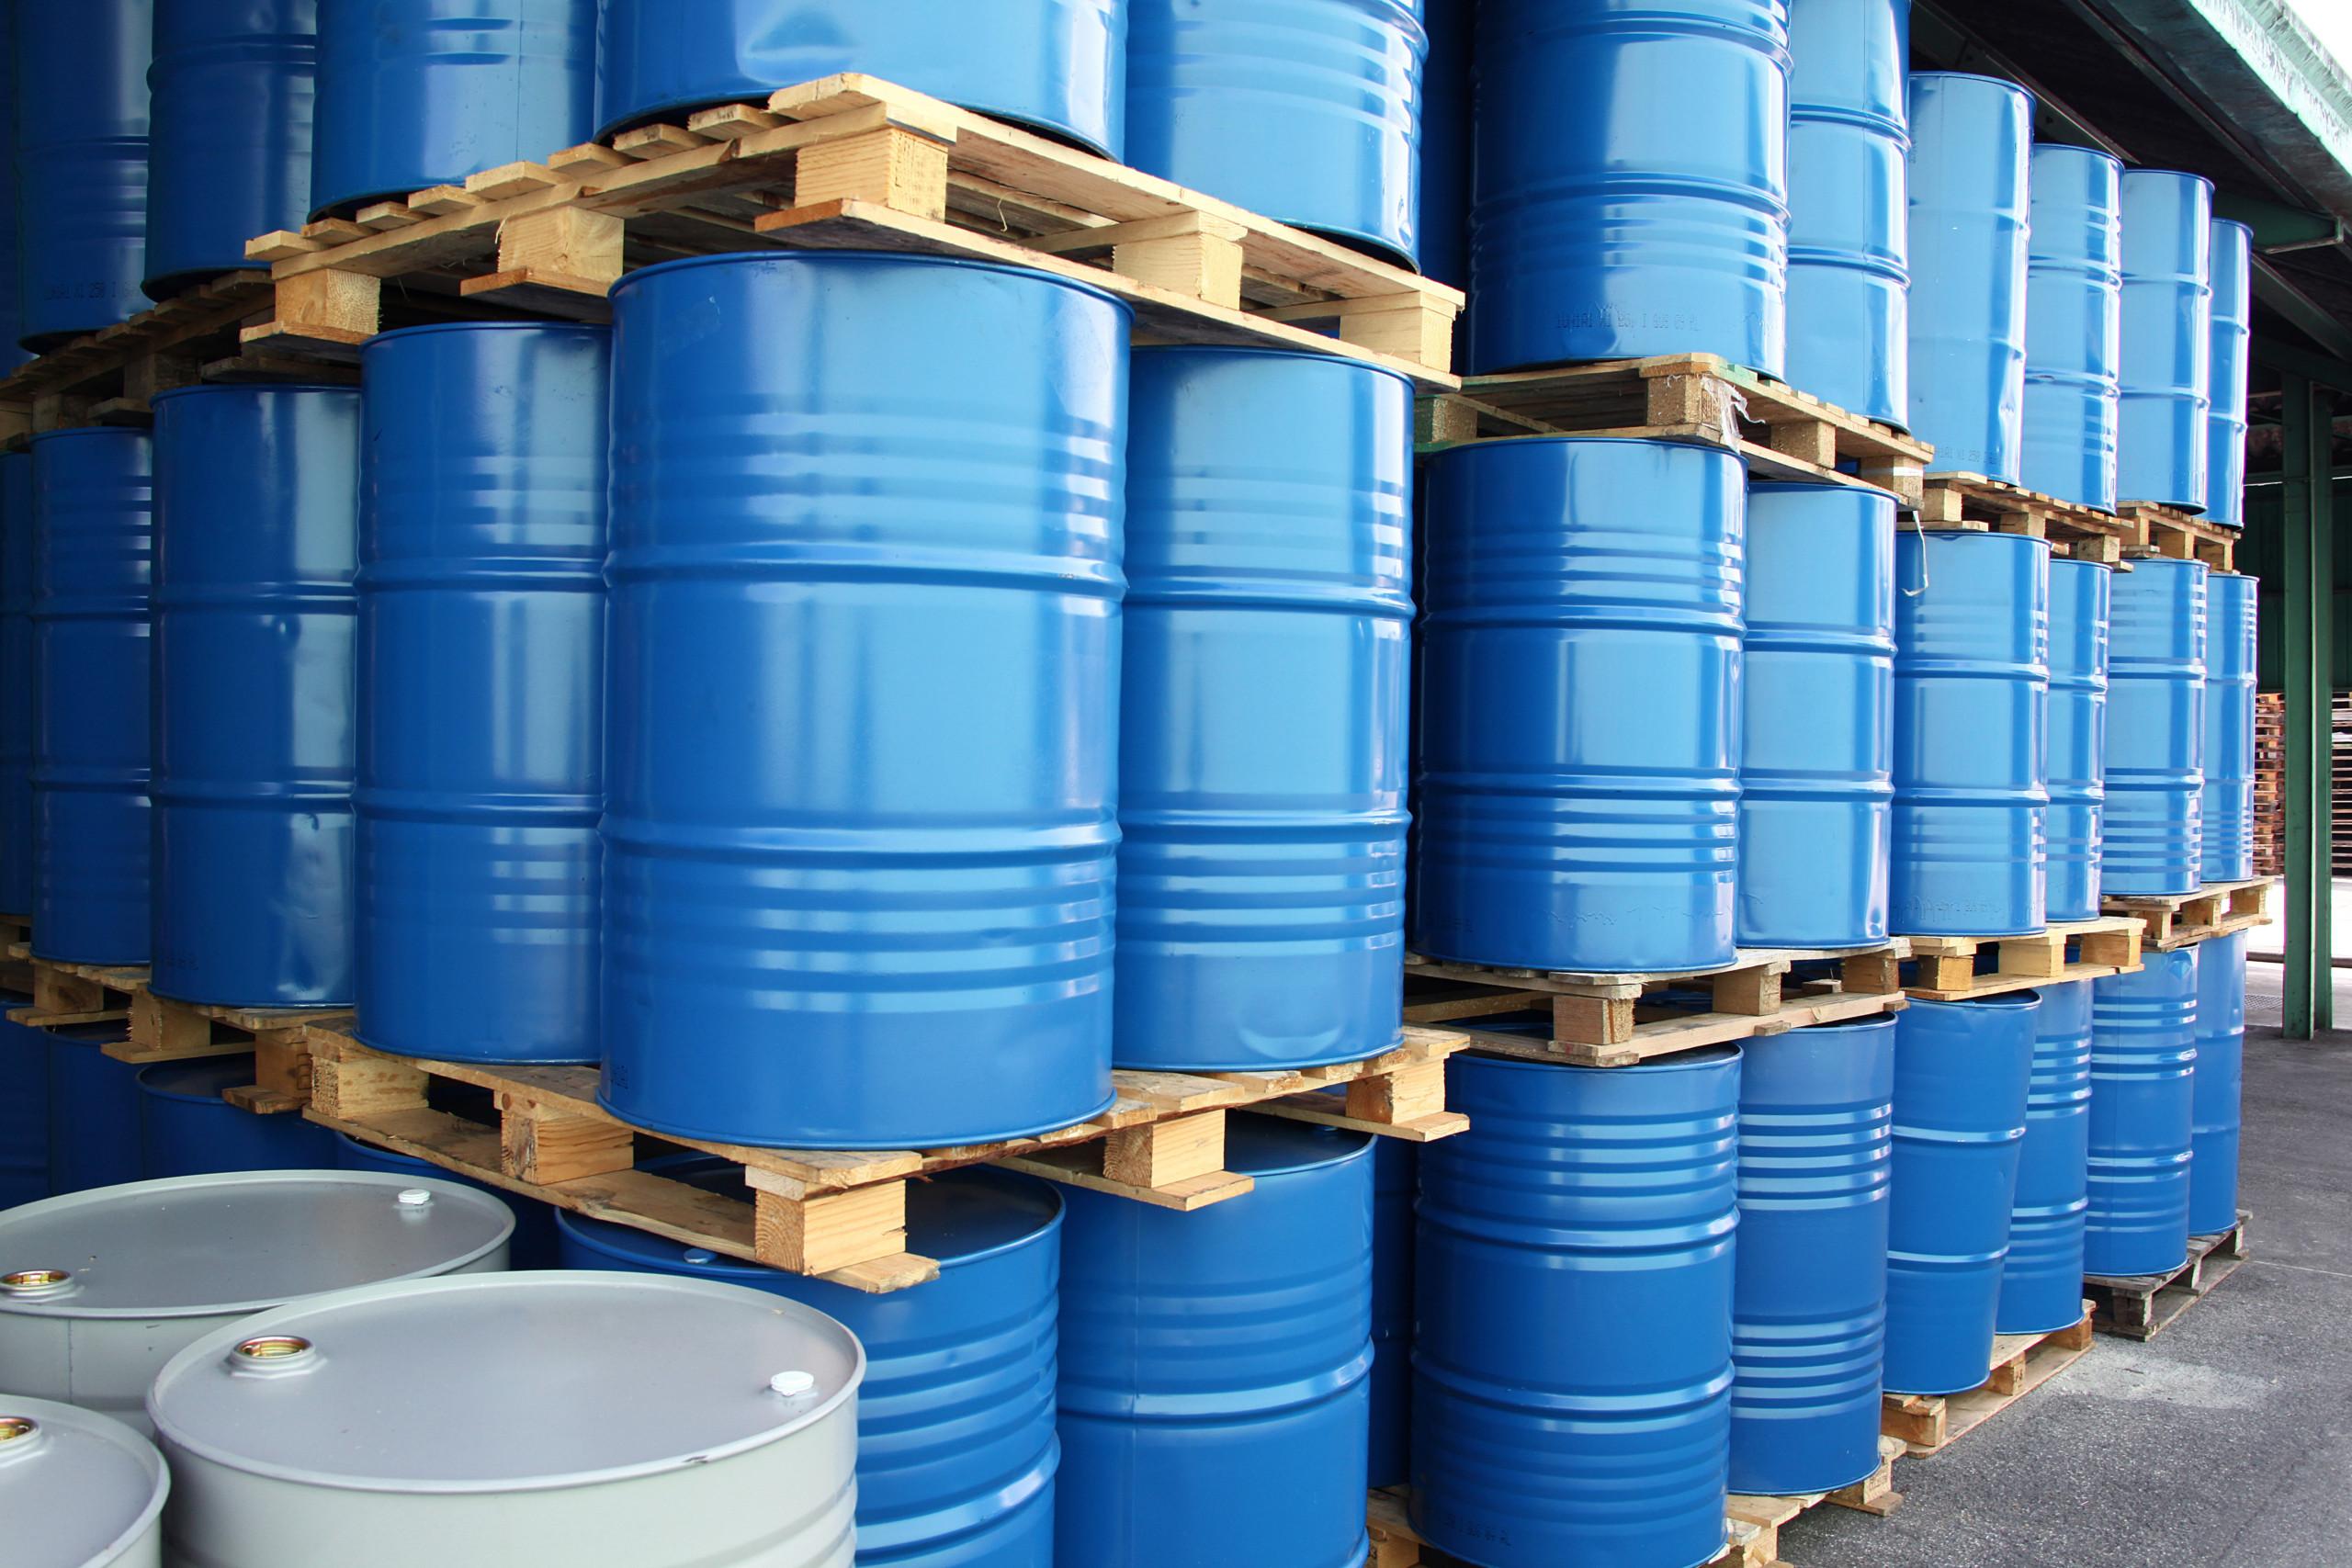 ถังเก็บเคมีสำหรับำบัดน้ำ คาร์บอน เรซื่น